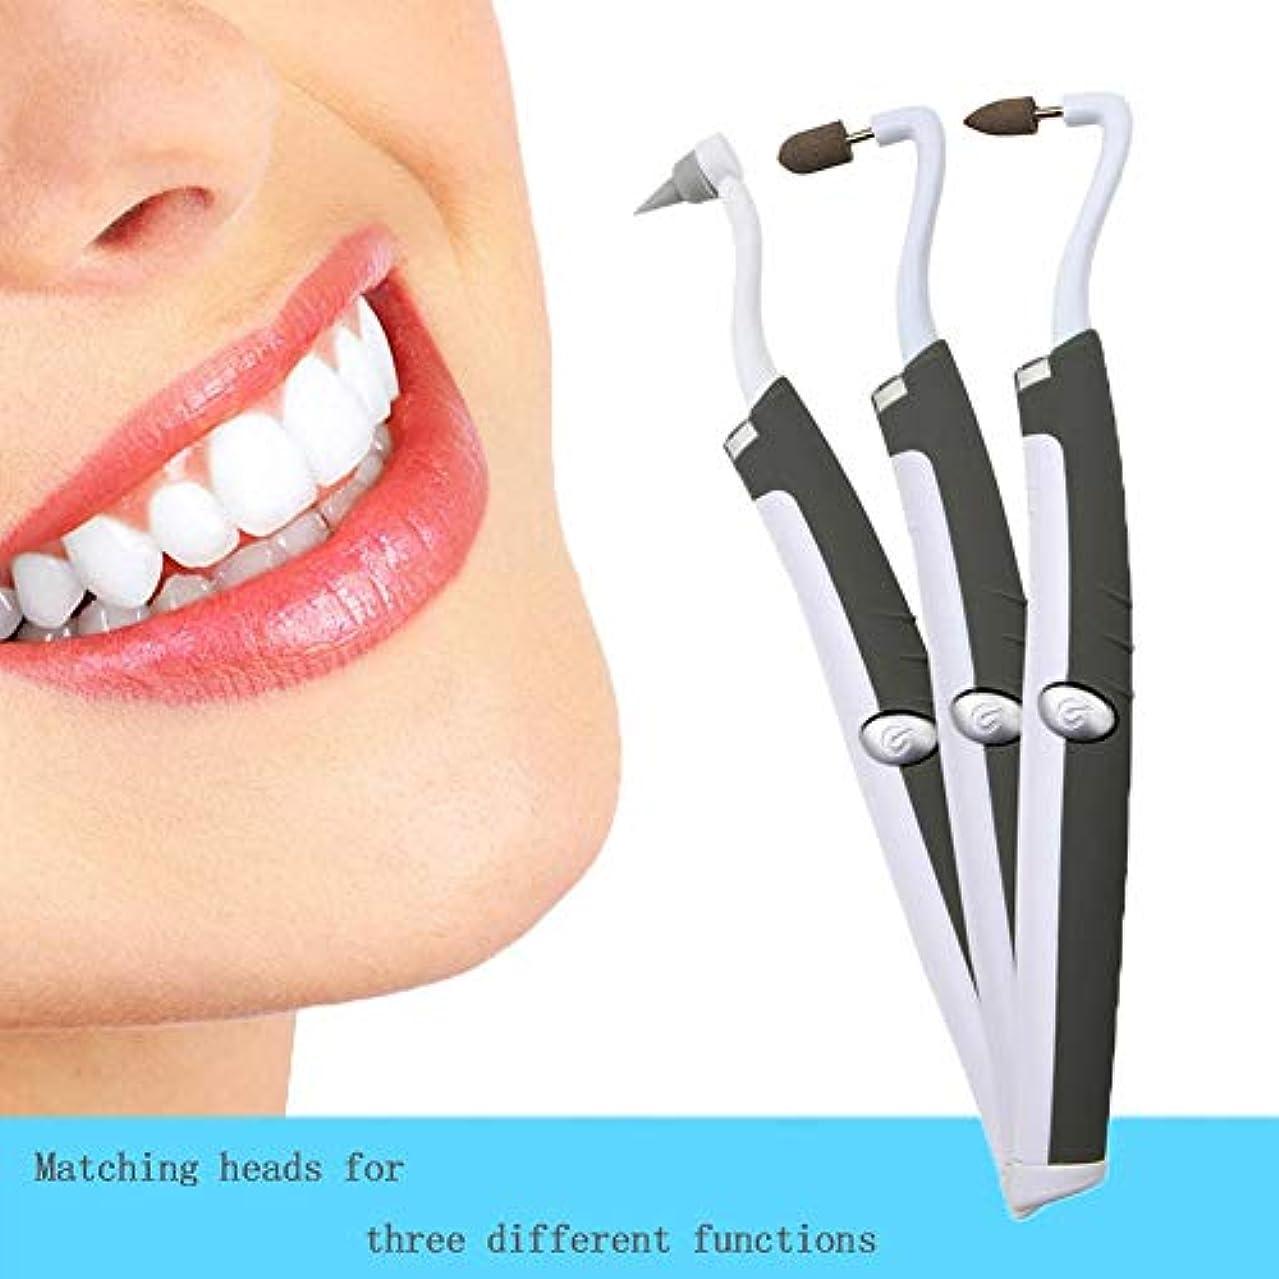 鎖カラスキャロライン歯石除去剤-変色を取り除き、歯を白くする歯石除去剤歯石が歯を除去しますポーランドのスリップが歯垢の汚れを防ぎます(3頭)